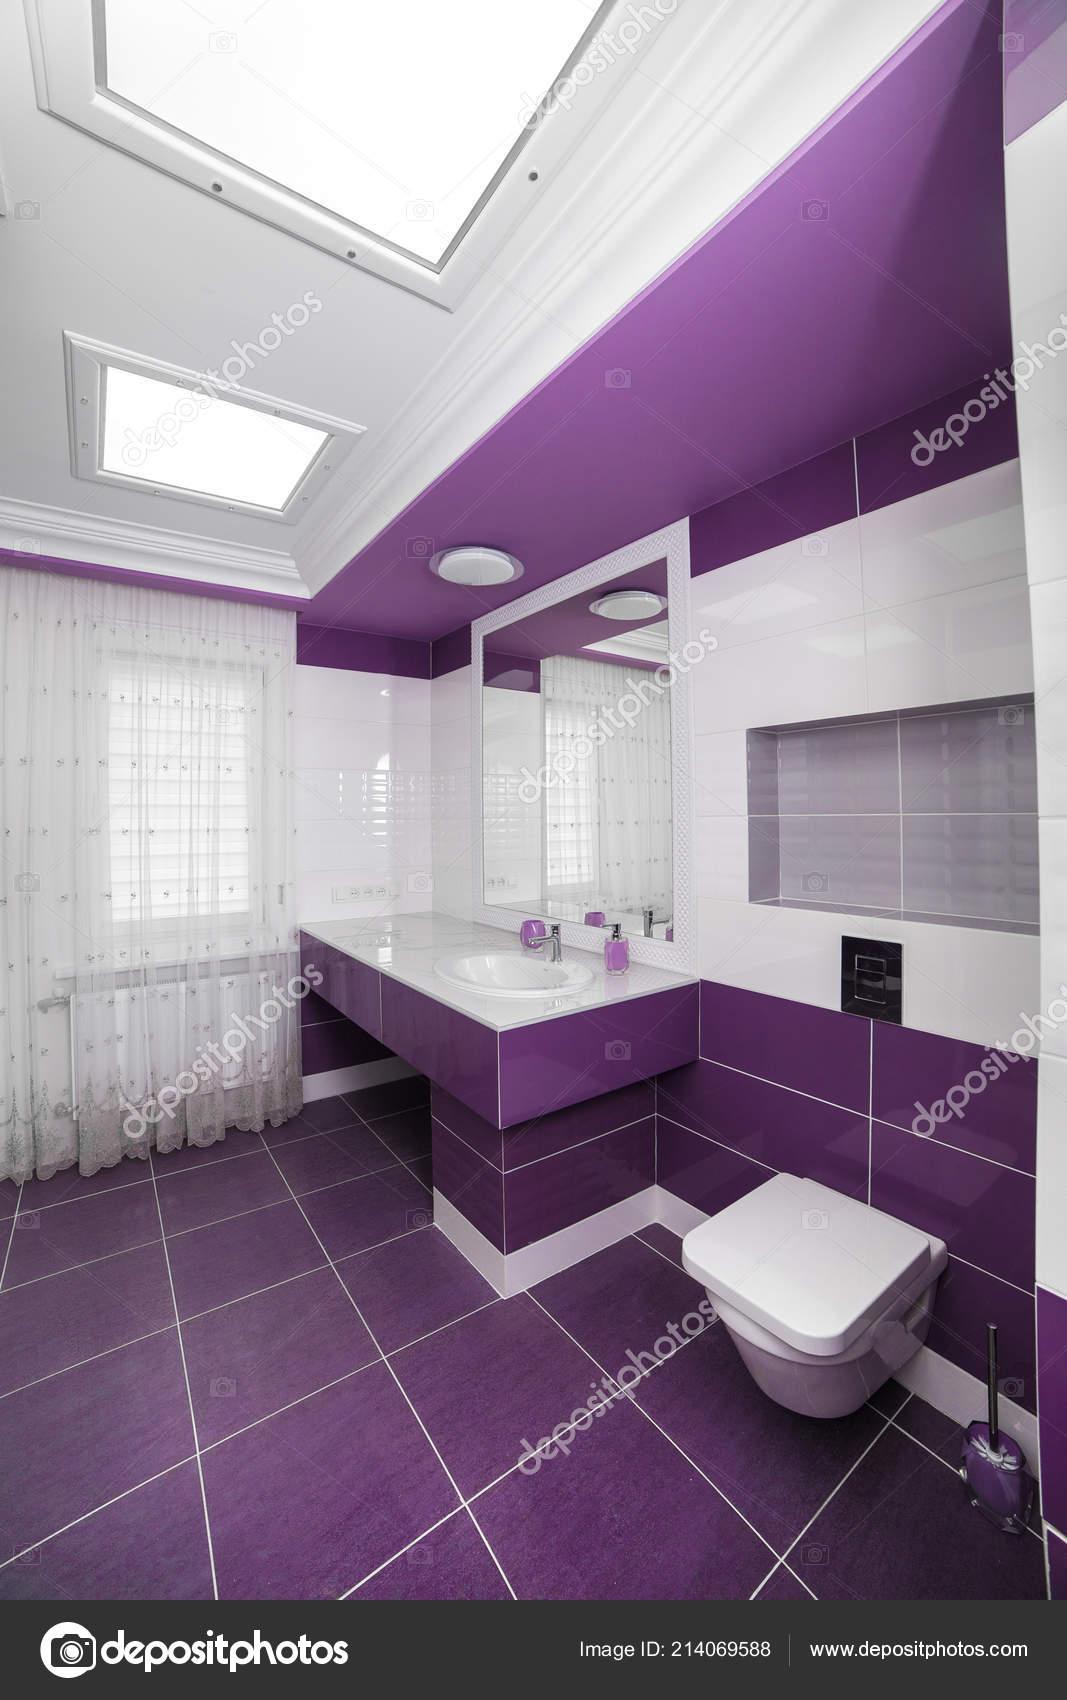 Decoration Salle Bains Moderne Avec Panneau Mosaique